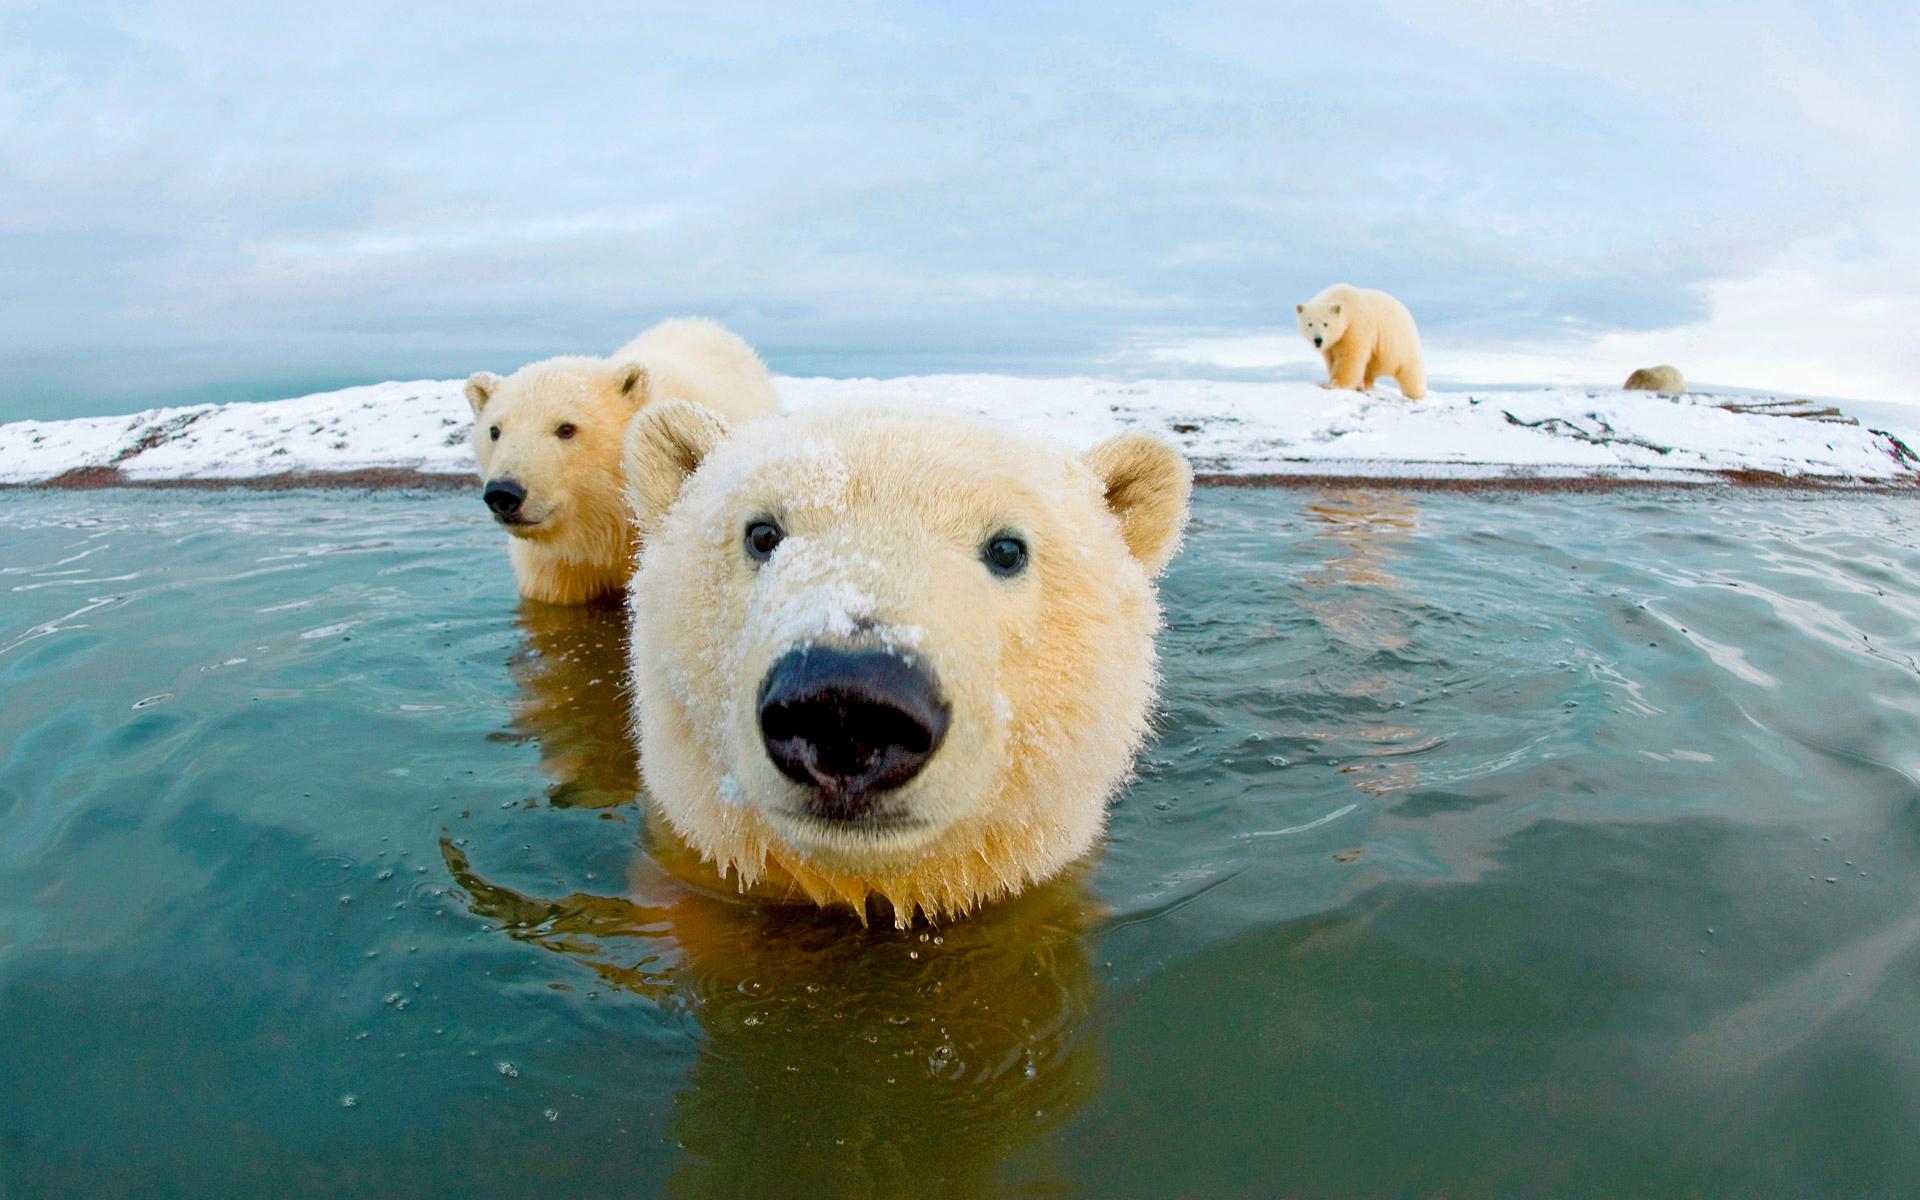 polar bears in water wallpaper 66741